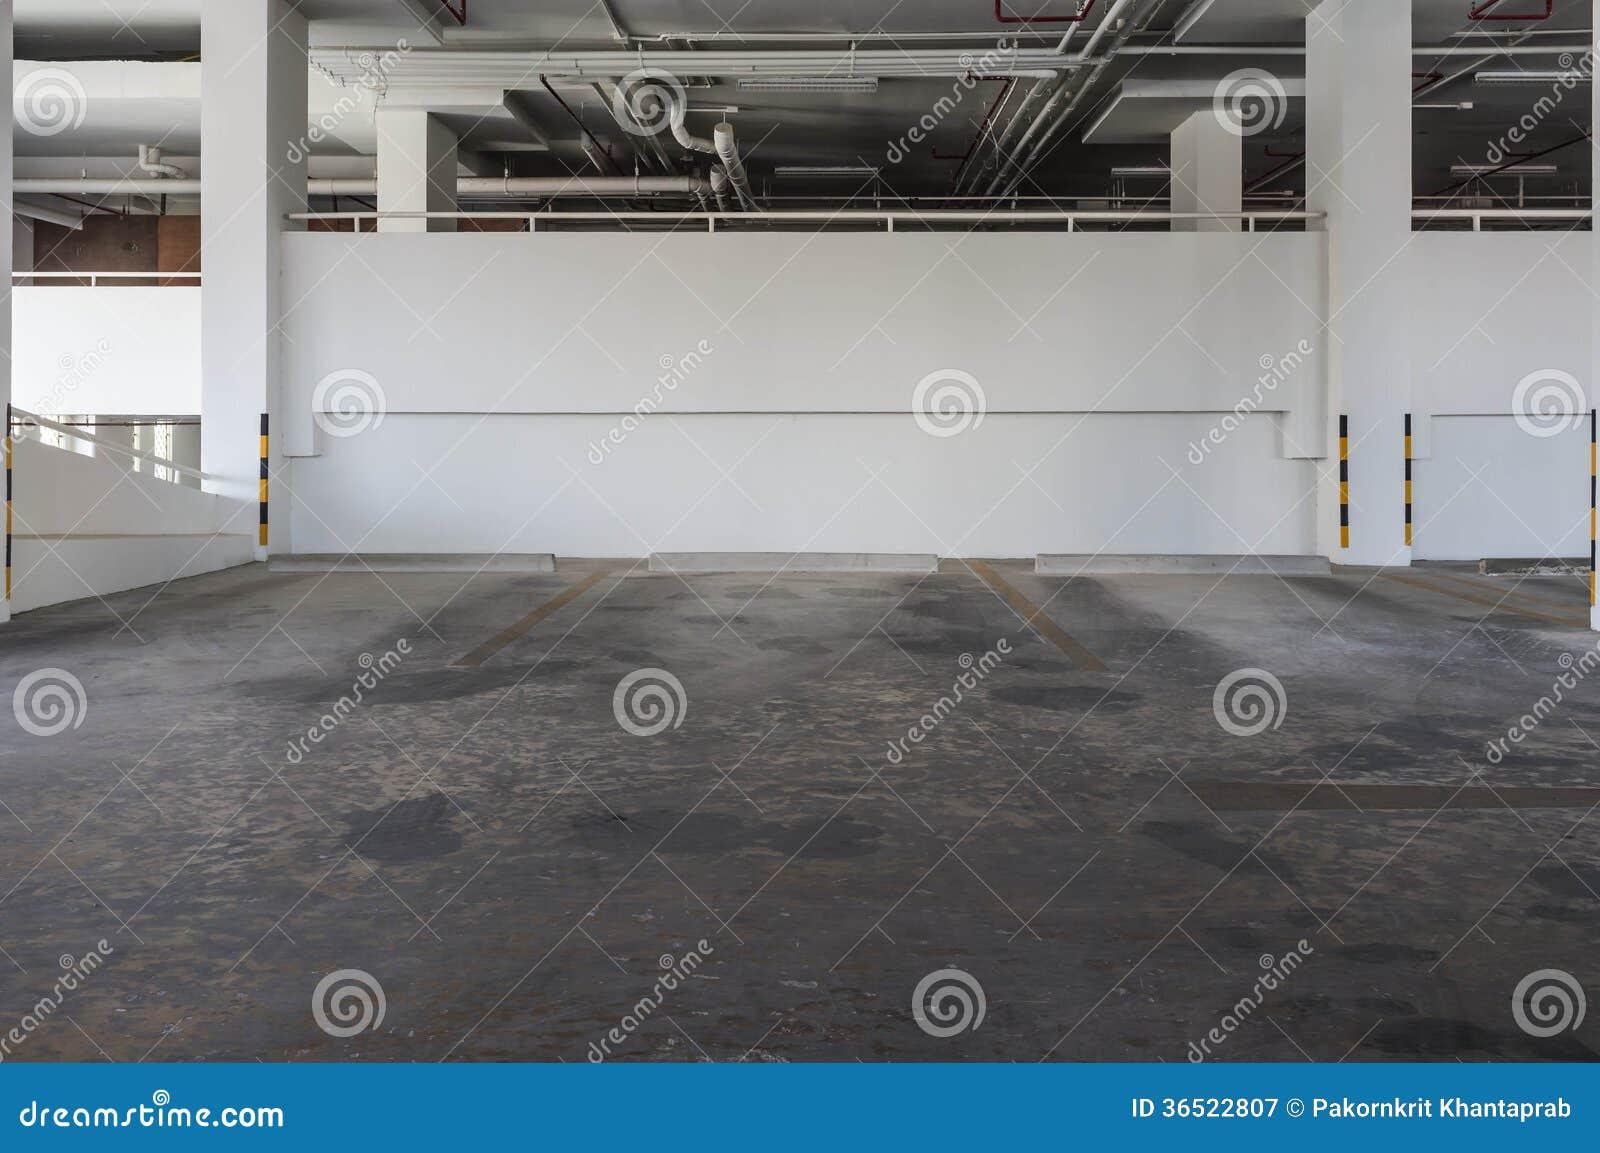 Kondominium budynku parking